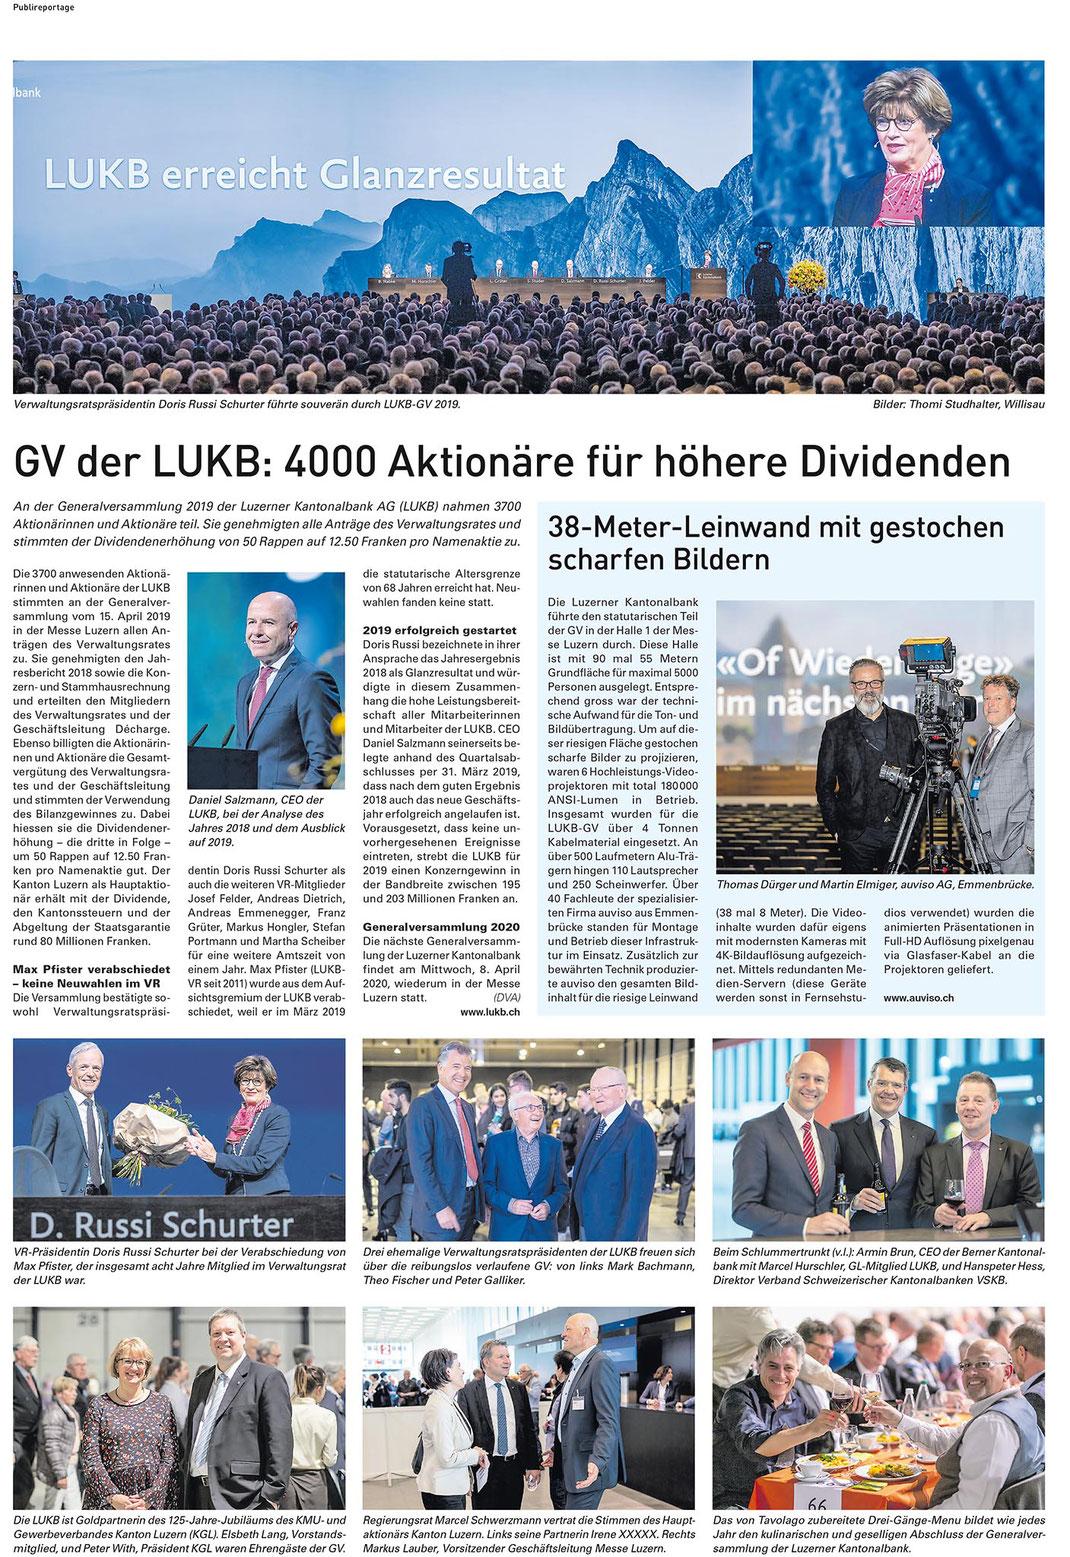 Publipreportage Zentralschweiz am Sonntag 21. April 2019